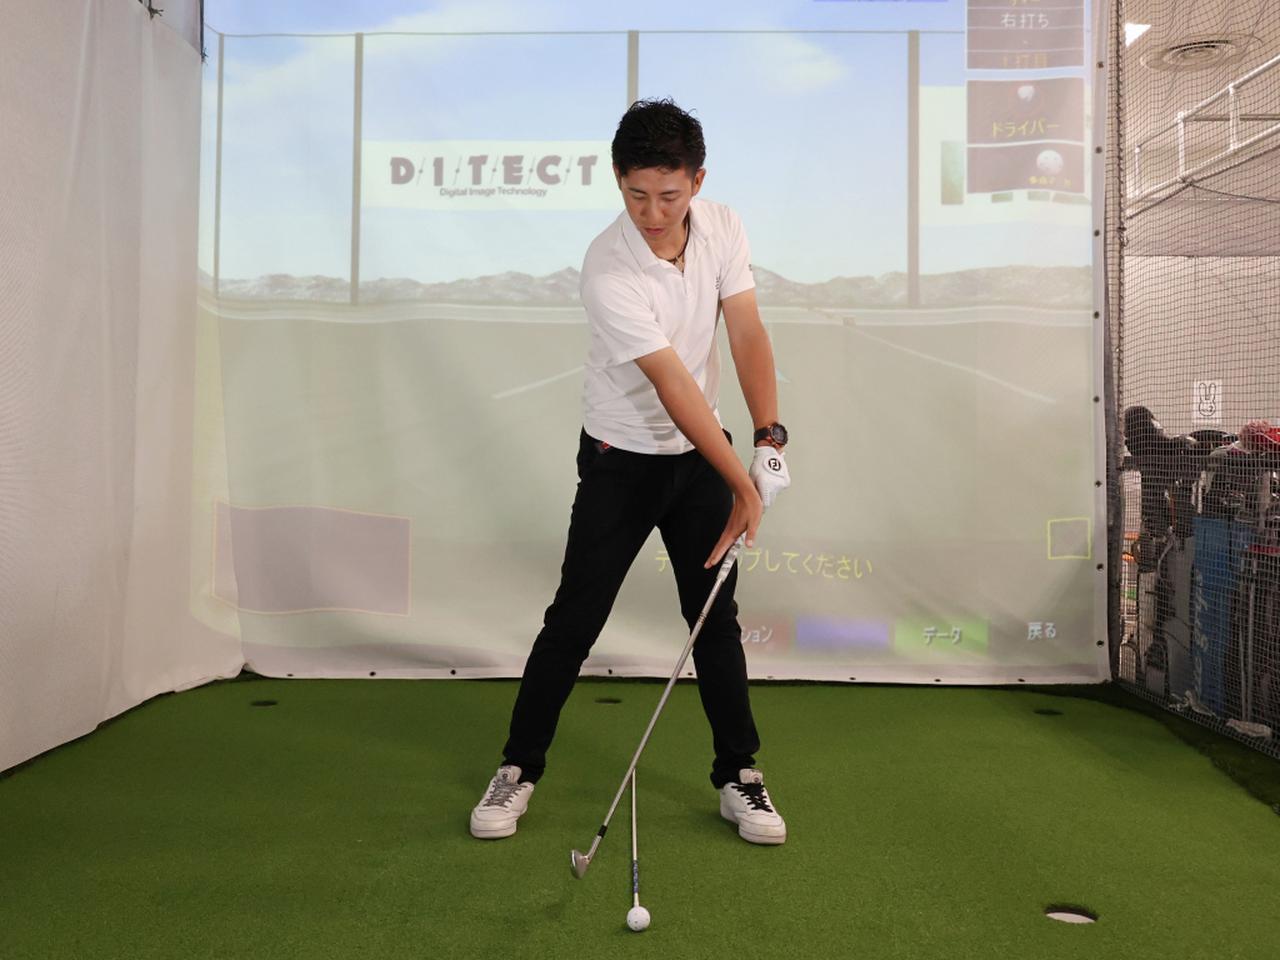 画像: 右手のひらを地面のボールより左側に向けて右手のひらを叩きつけるイメージで手首を変えそう